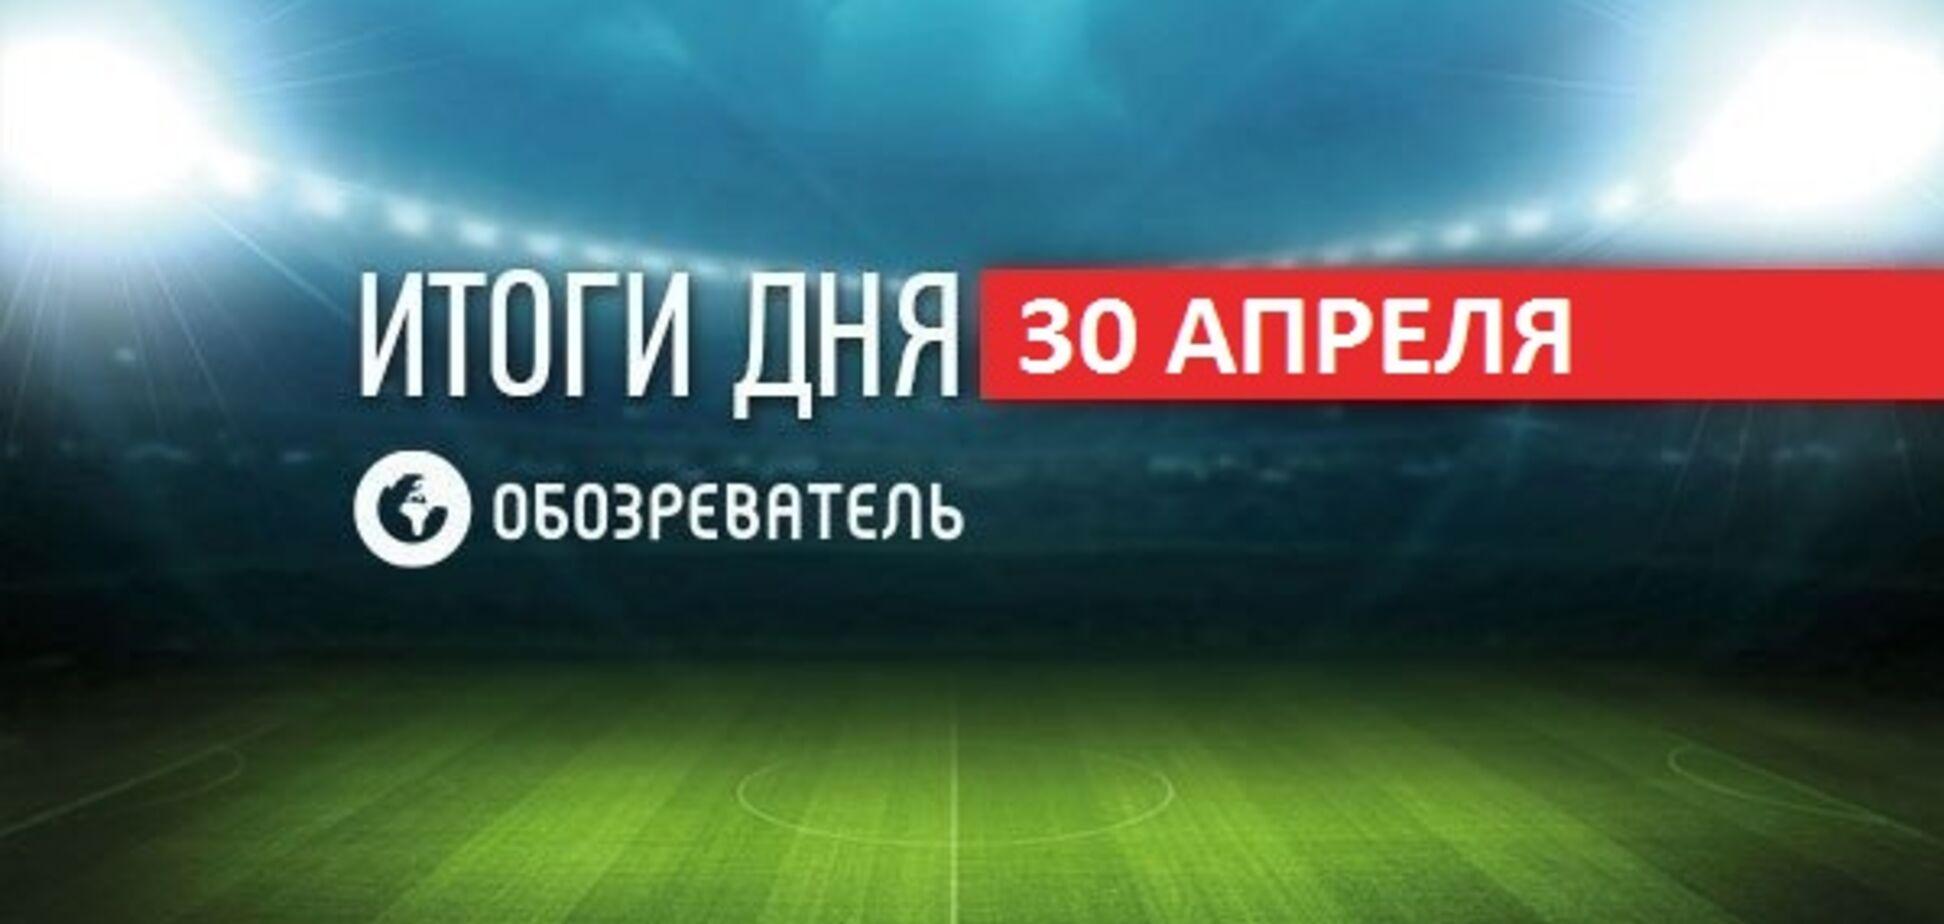 Уткін поставив на місце Соловйова: спортивні підсумки 30 квітня